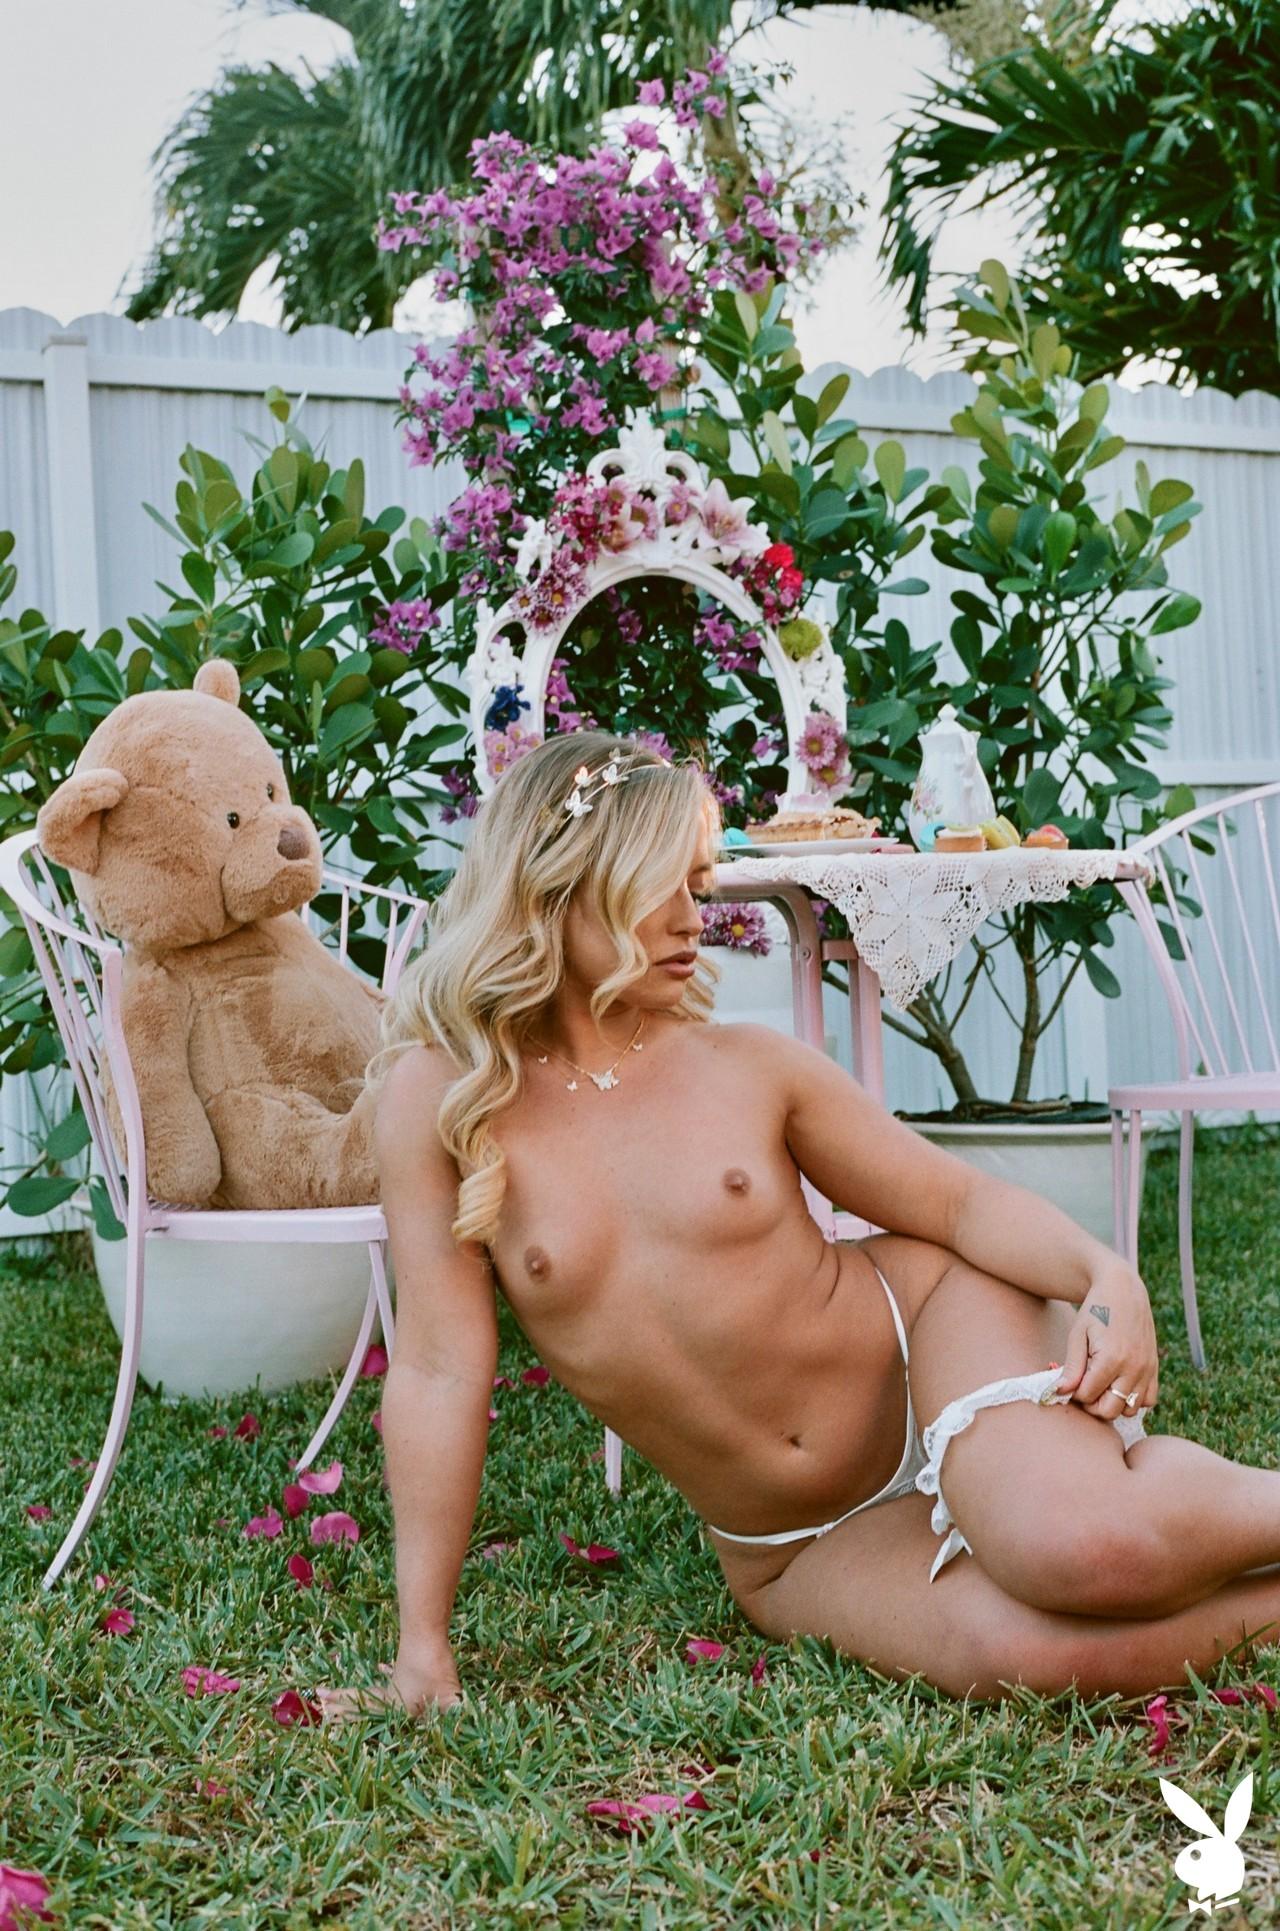 Jackie In Sweet Treats Playboy Plus (12)